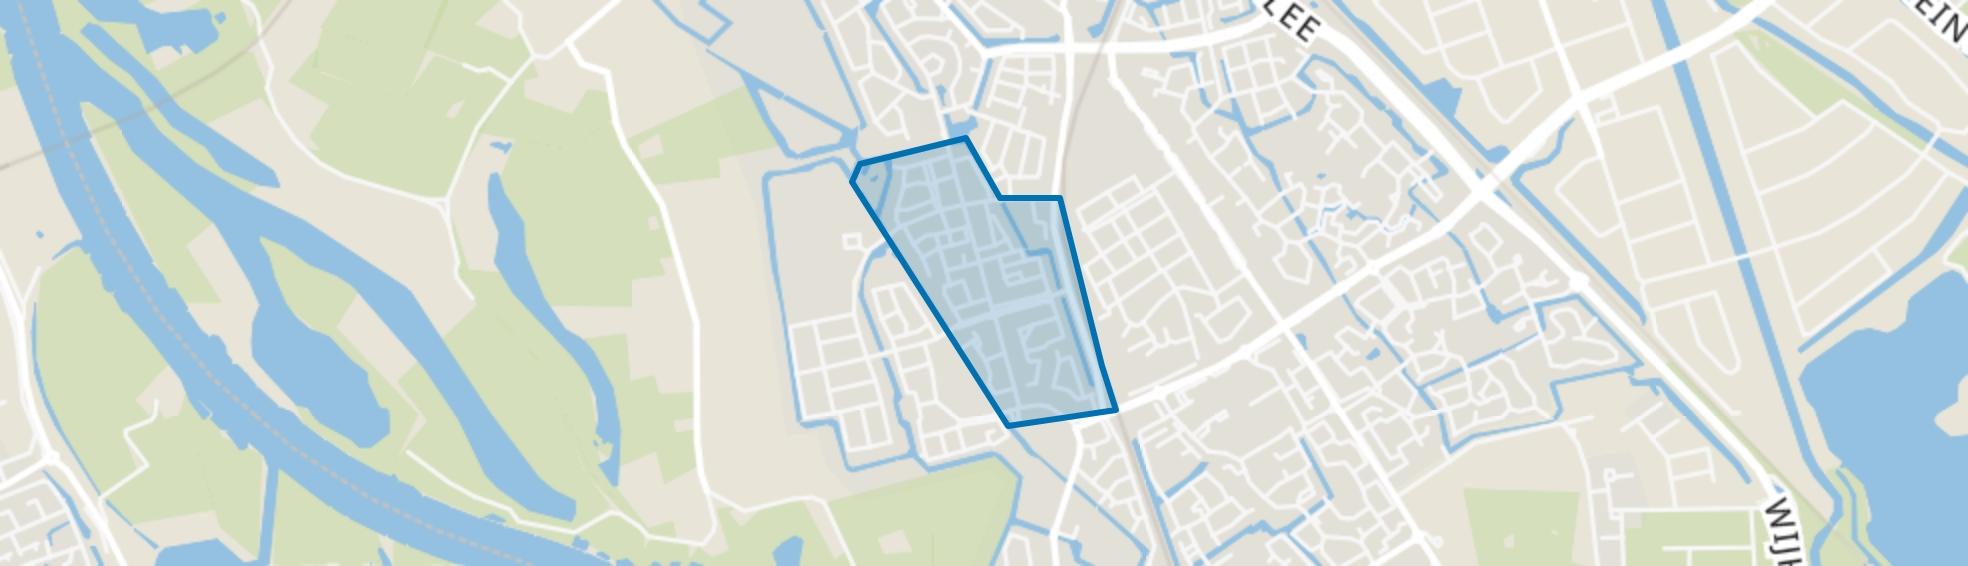 Oldenelerlanden-Oost, Zwolle map